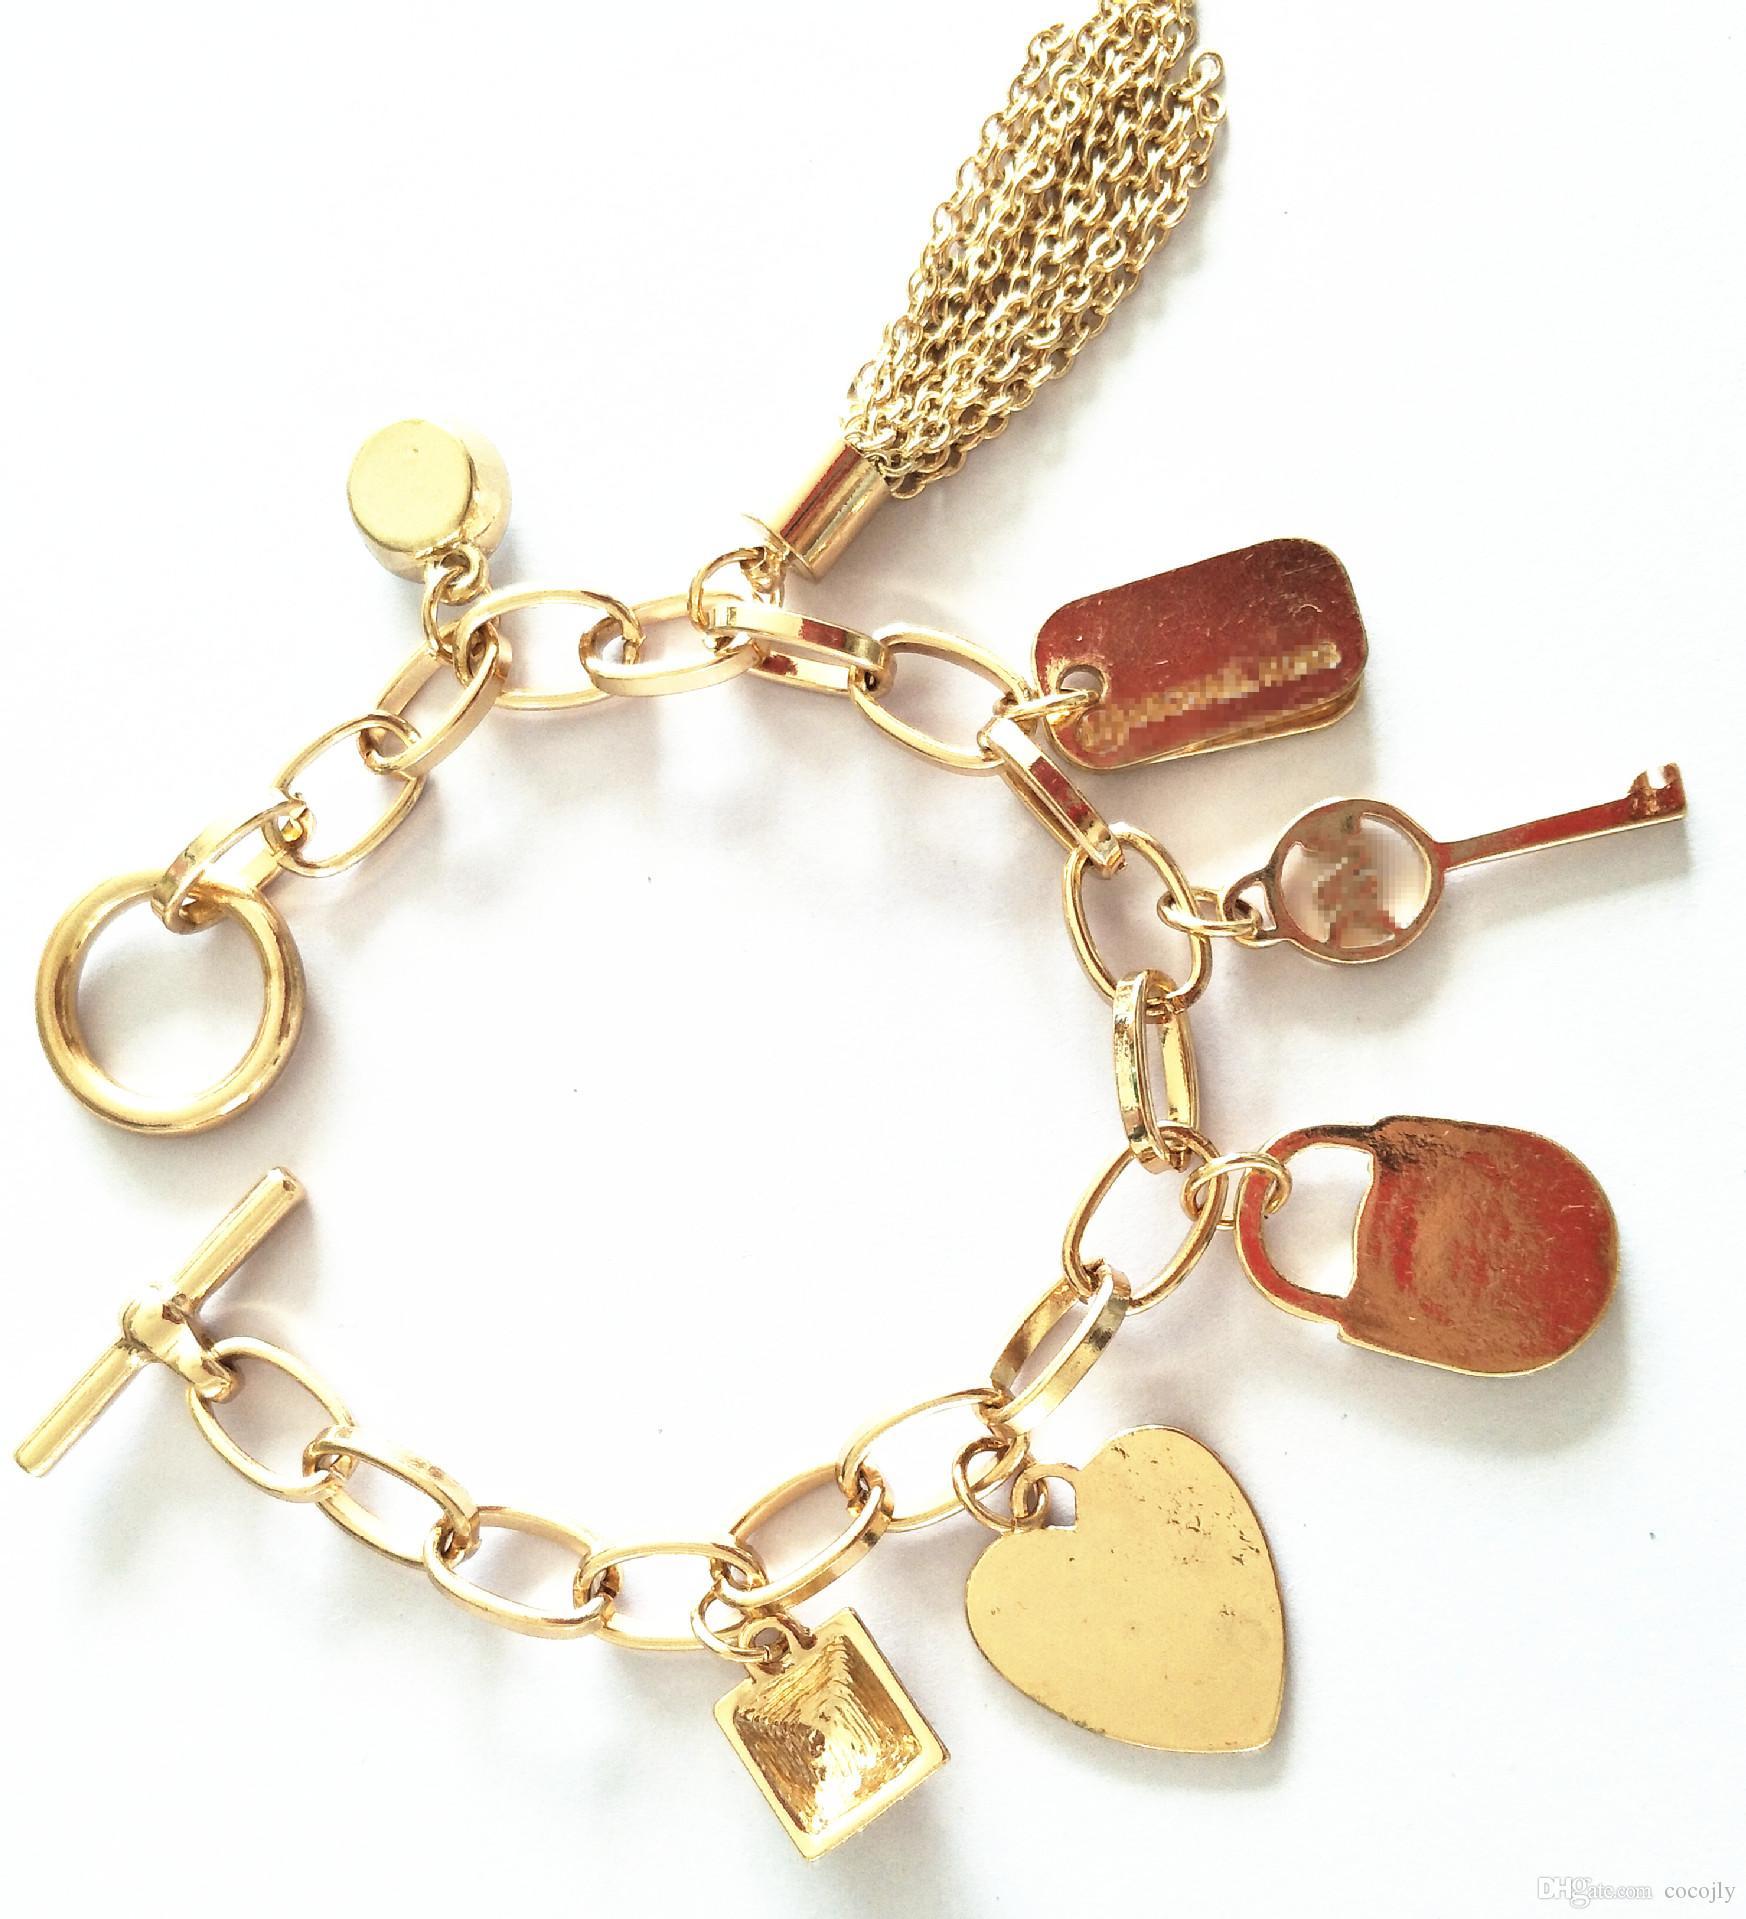 m serisi büyük gül altın altın doku saçak kolye bilezik üç renk seçimi kadın takı